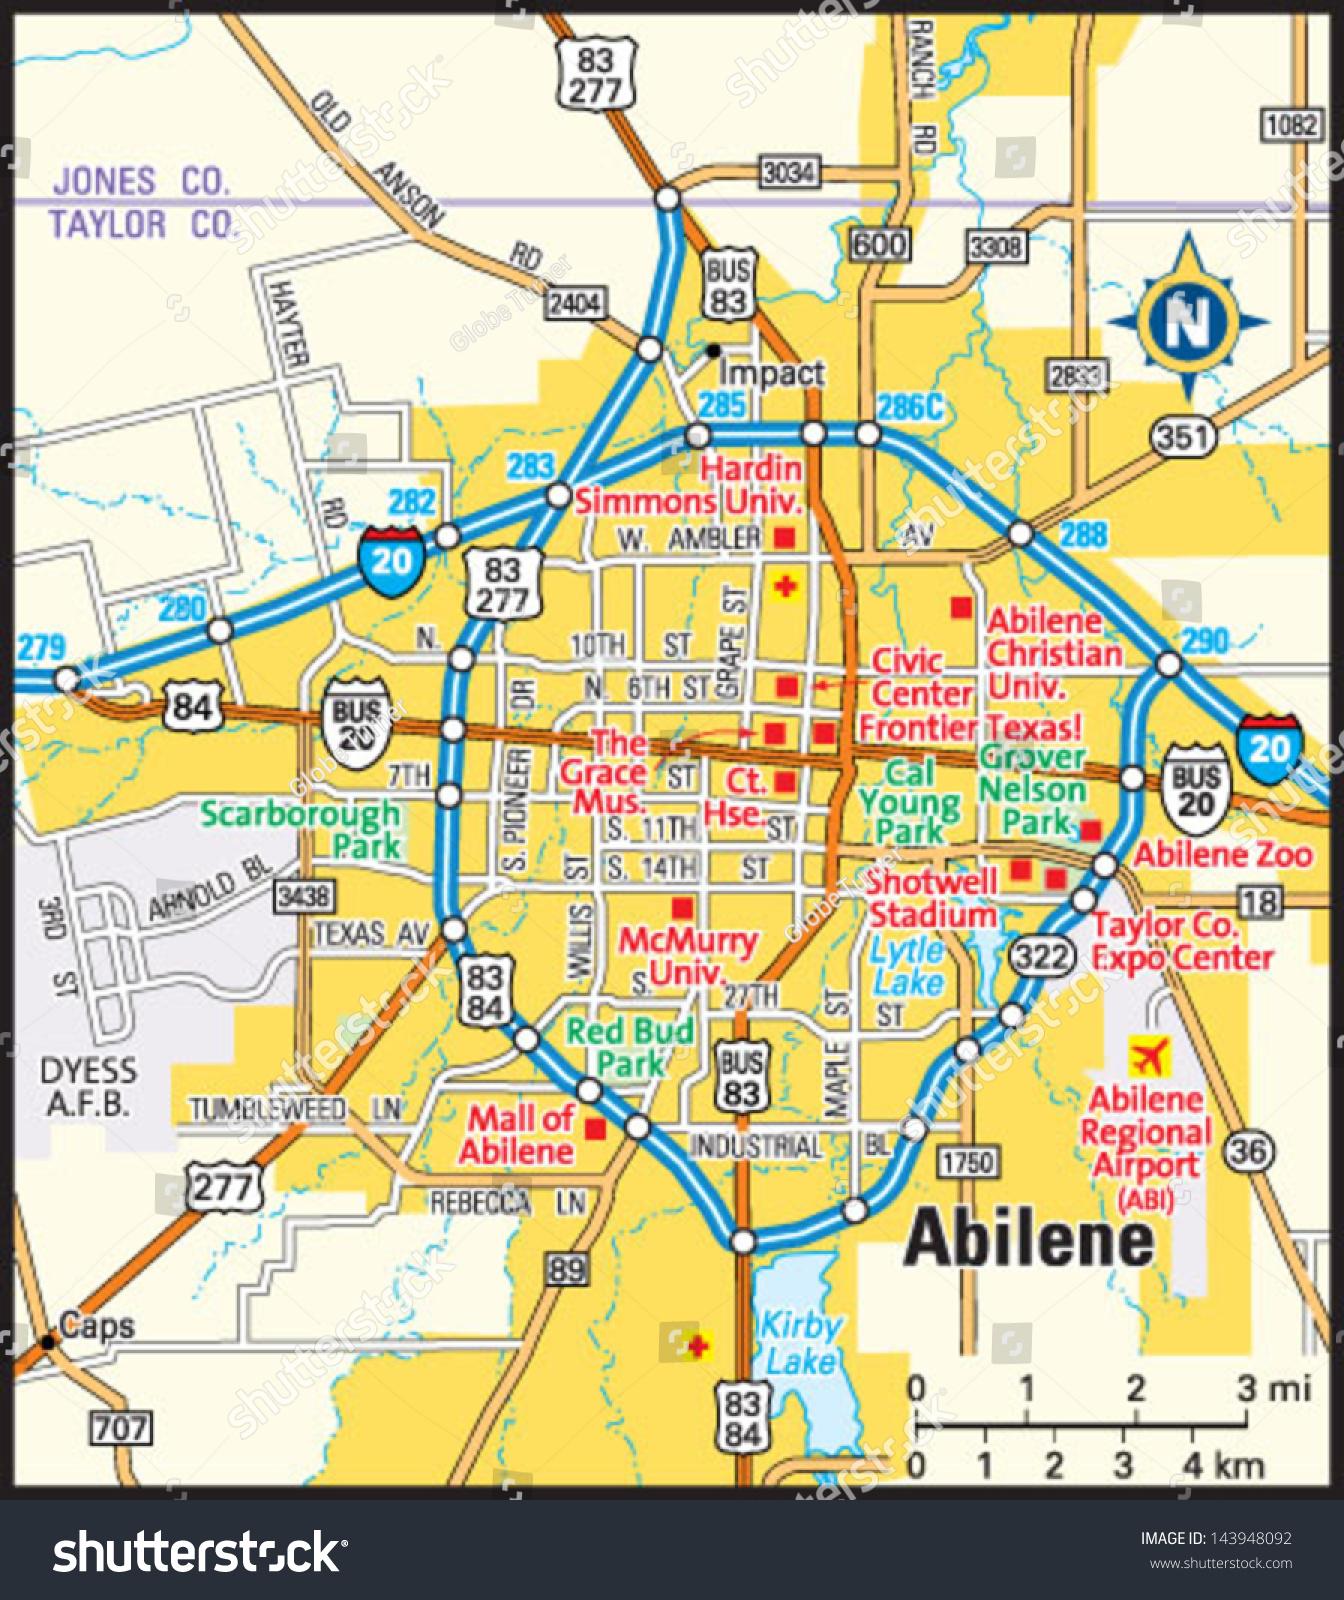 Abilene Texas Area Map Stock-vrgrafik 143948092 - Shutterstock on